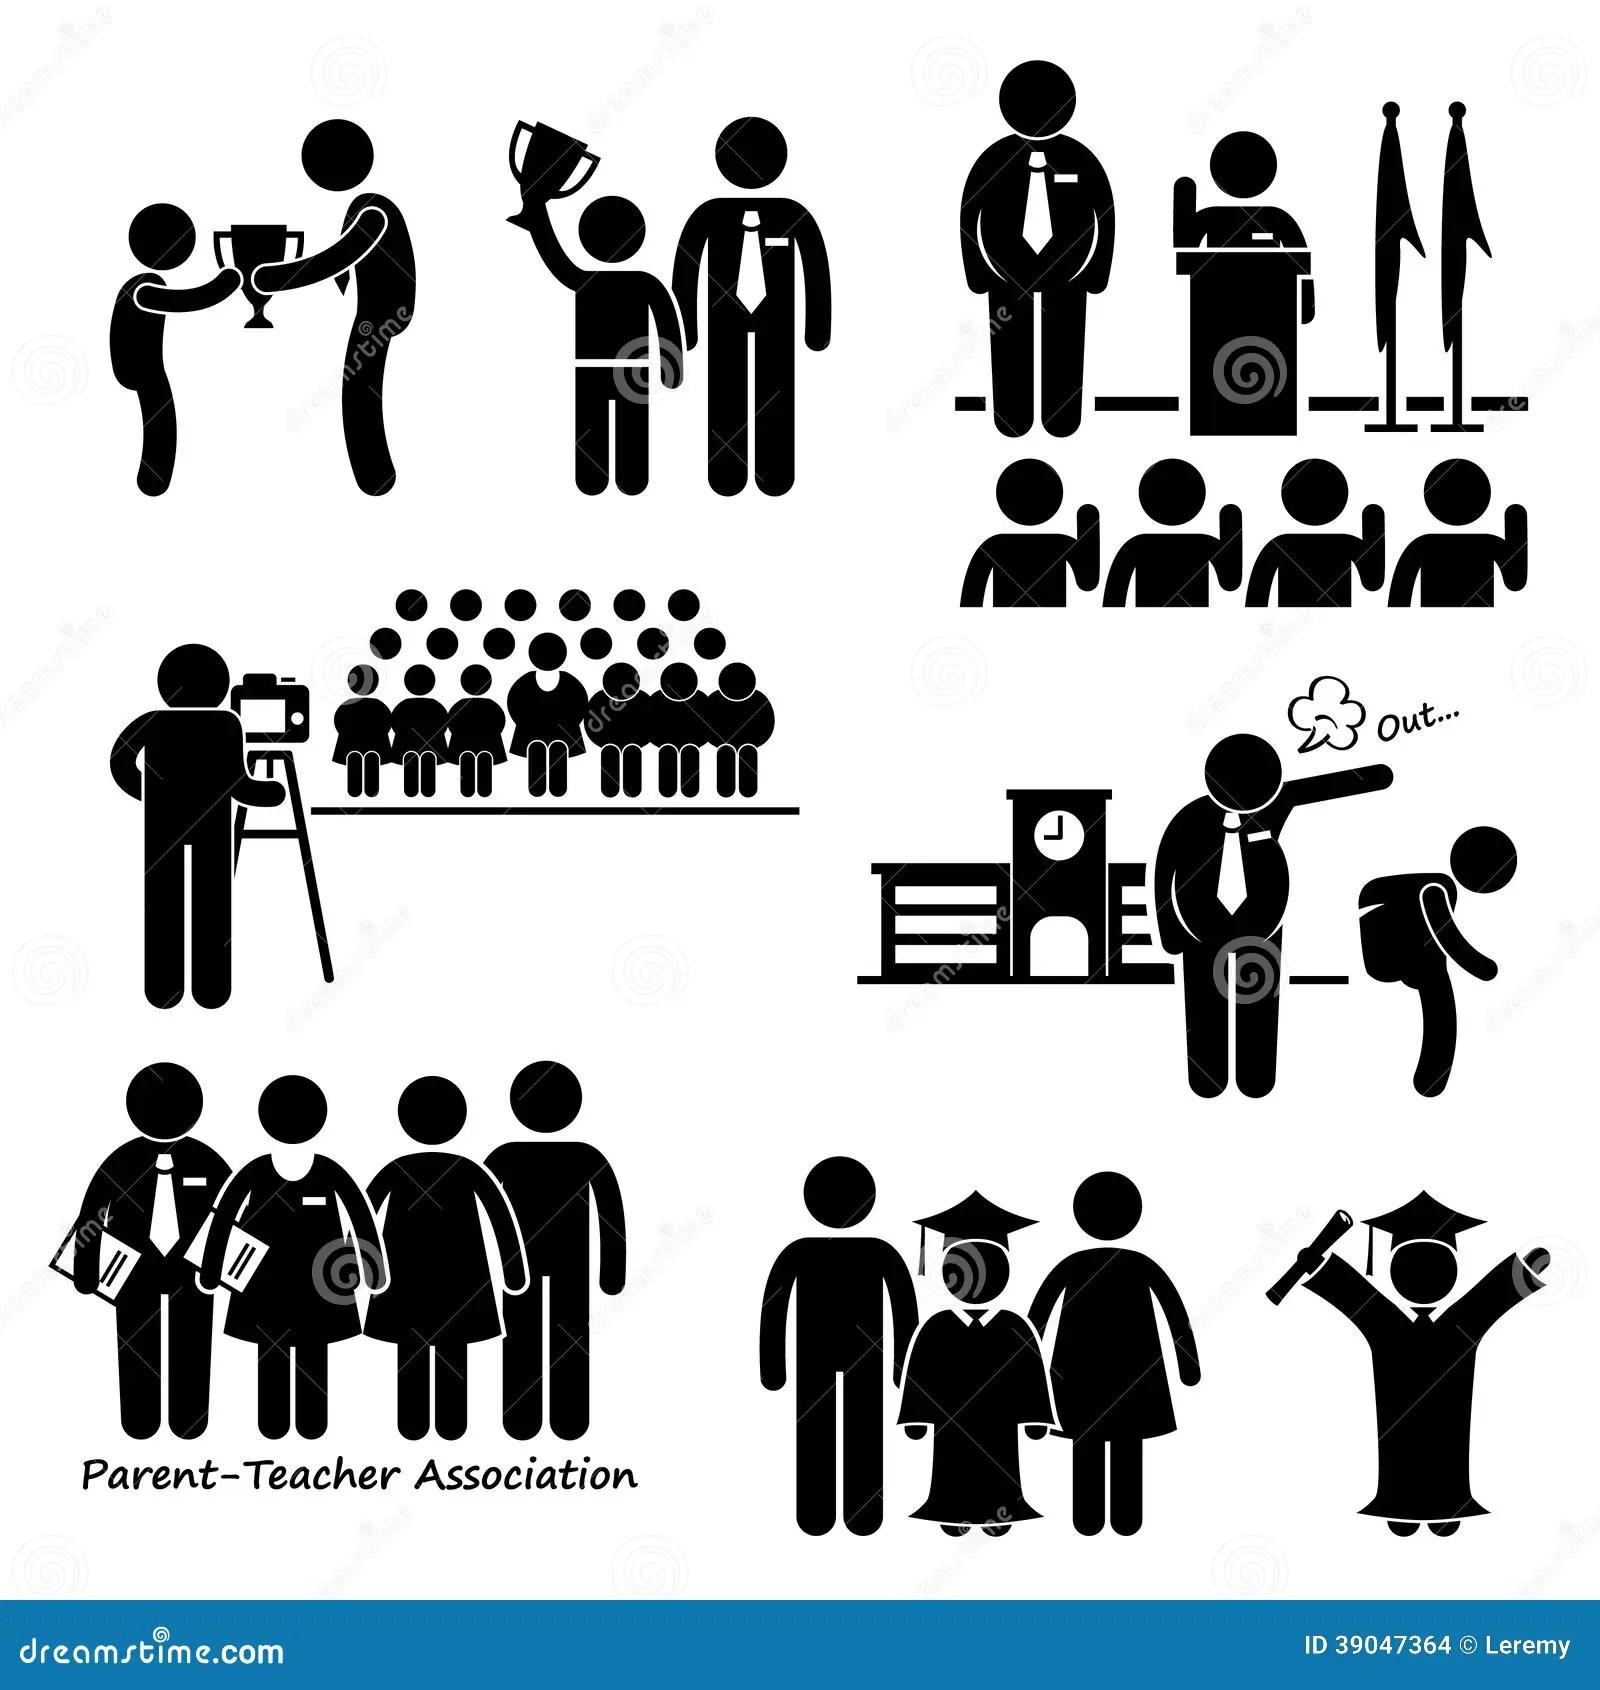 Clipart Di Eventi Della Scuola Illustrazione Vettoriale